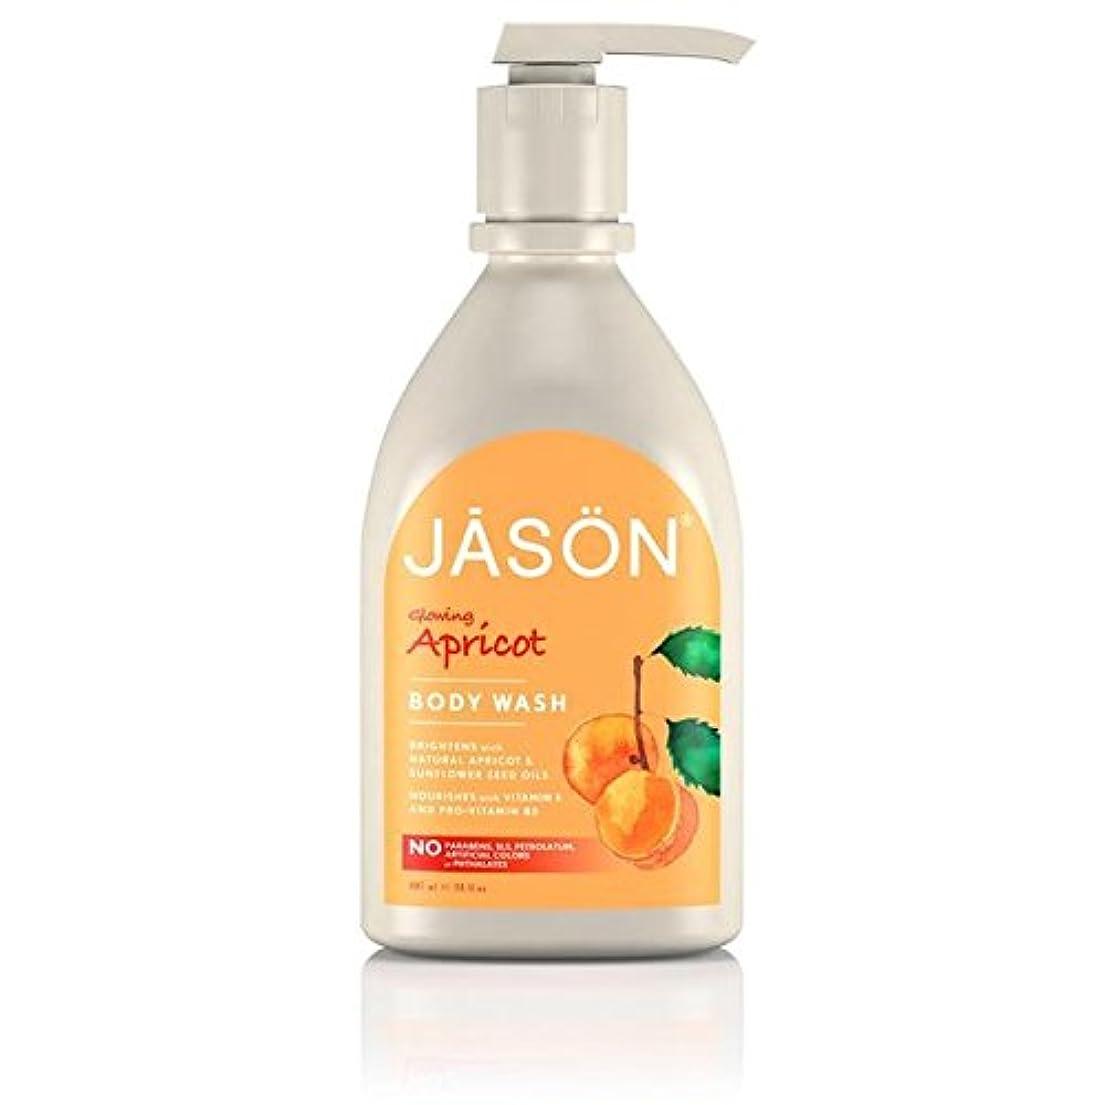 暴露する汚れる忌み嫌うJason Apricot Satin Body Wash Pump 900ml (Pack of 6) - ジェイソン?アプリコットサテンボディウォッシュポンプ900ミリリットル x6 [並行輸入品]